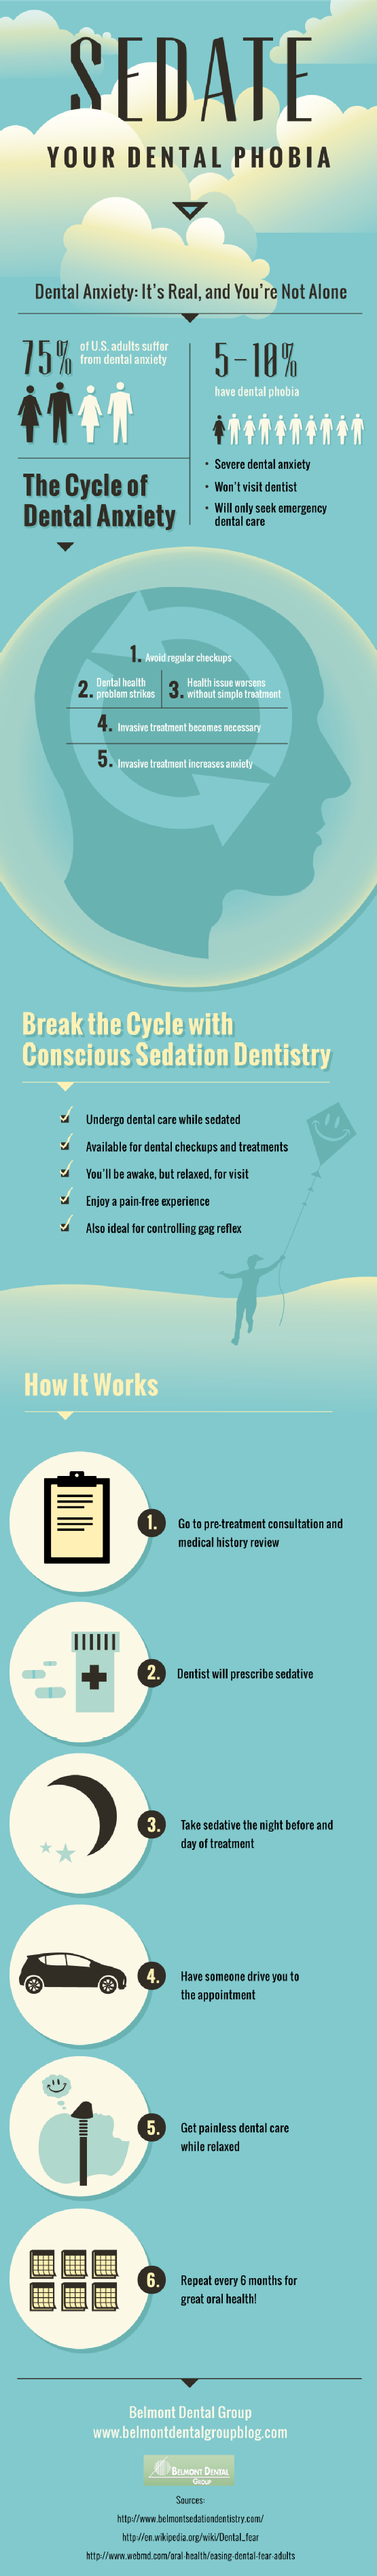 best 25 dental phobia ideas on pinterest dental life dental